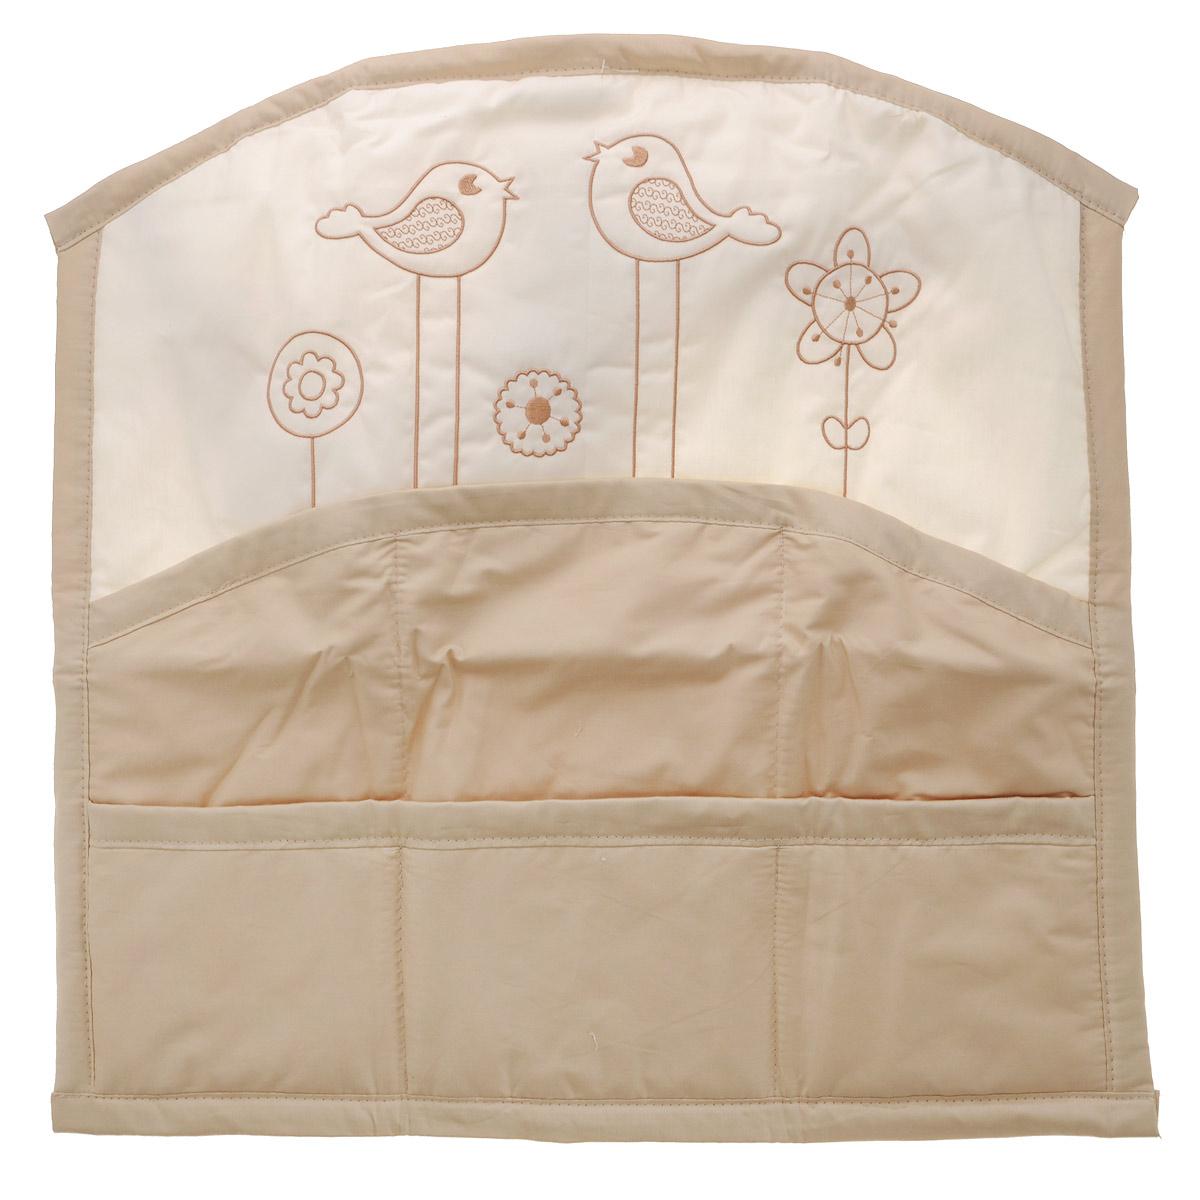 Карман на кроватку Fairy Волшебная полянка, цвет: белый, бежевый, 59 см х 60 см fairy сумка для пеленок и подгузников жирафик